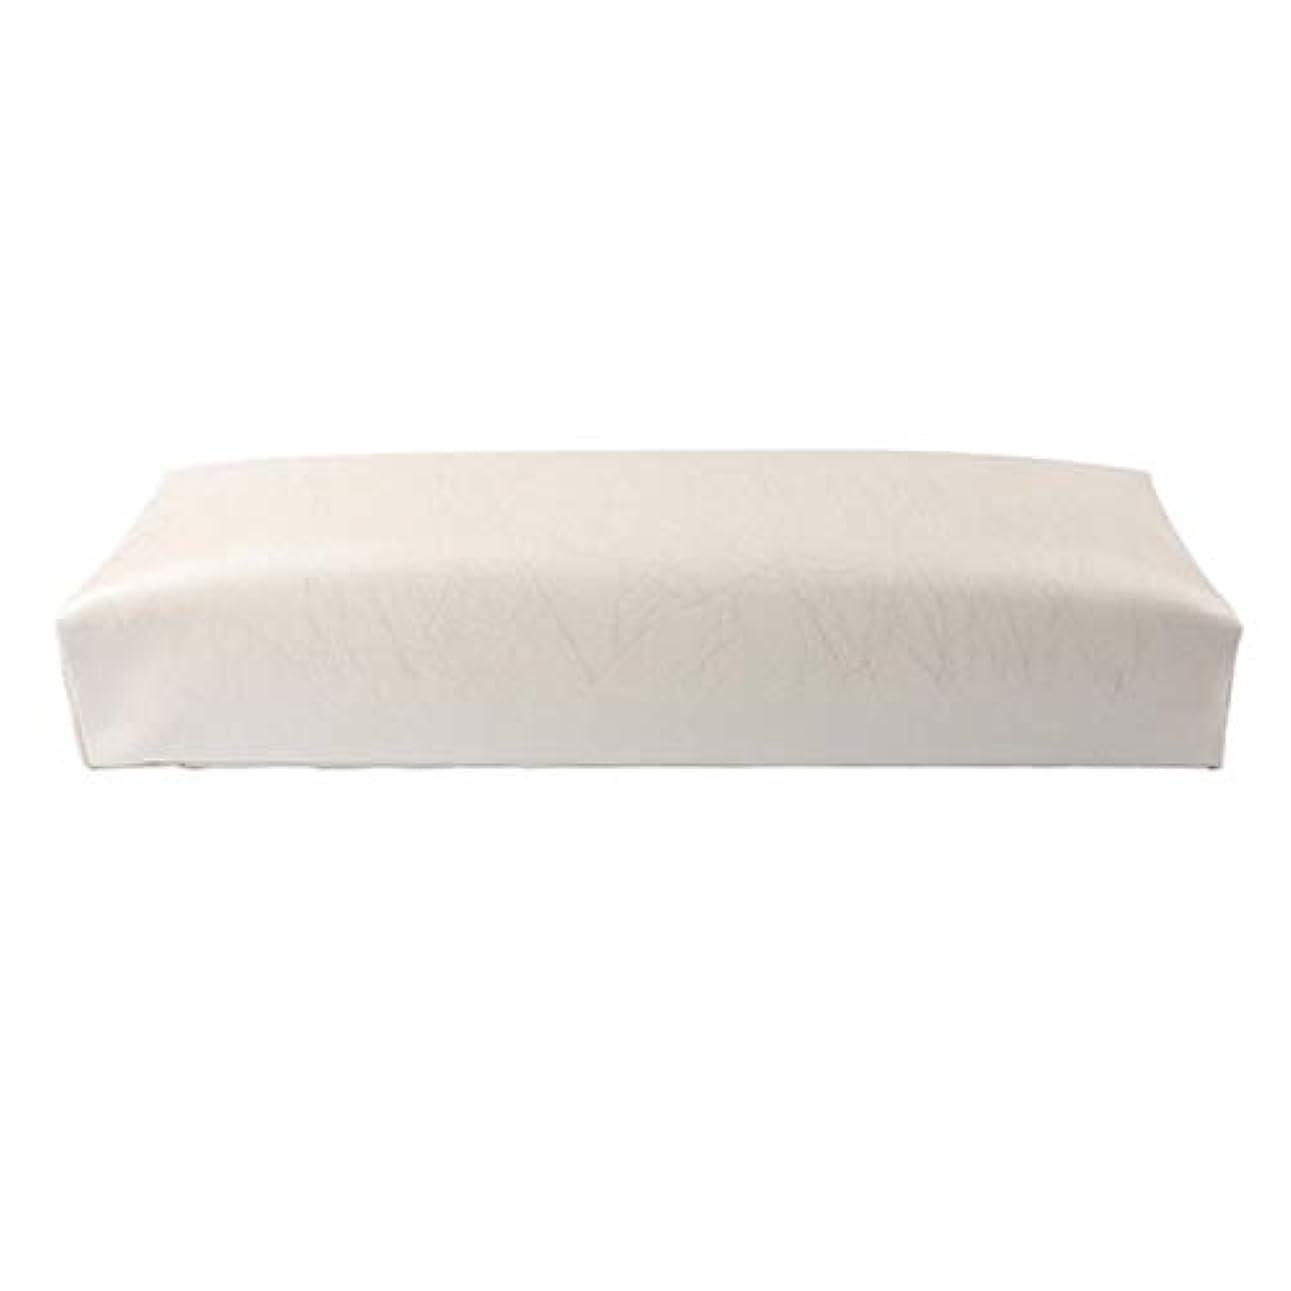 塩辛いうれしいりACAMPTAR ネイル用マニキュアハンド枕長方形PUレザーハンドレストクッションネイルピローサロンハンドホルダーアームレストレストマニキュアネイルアートアクセサリーツールホワイト